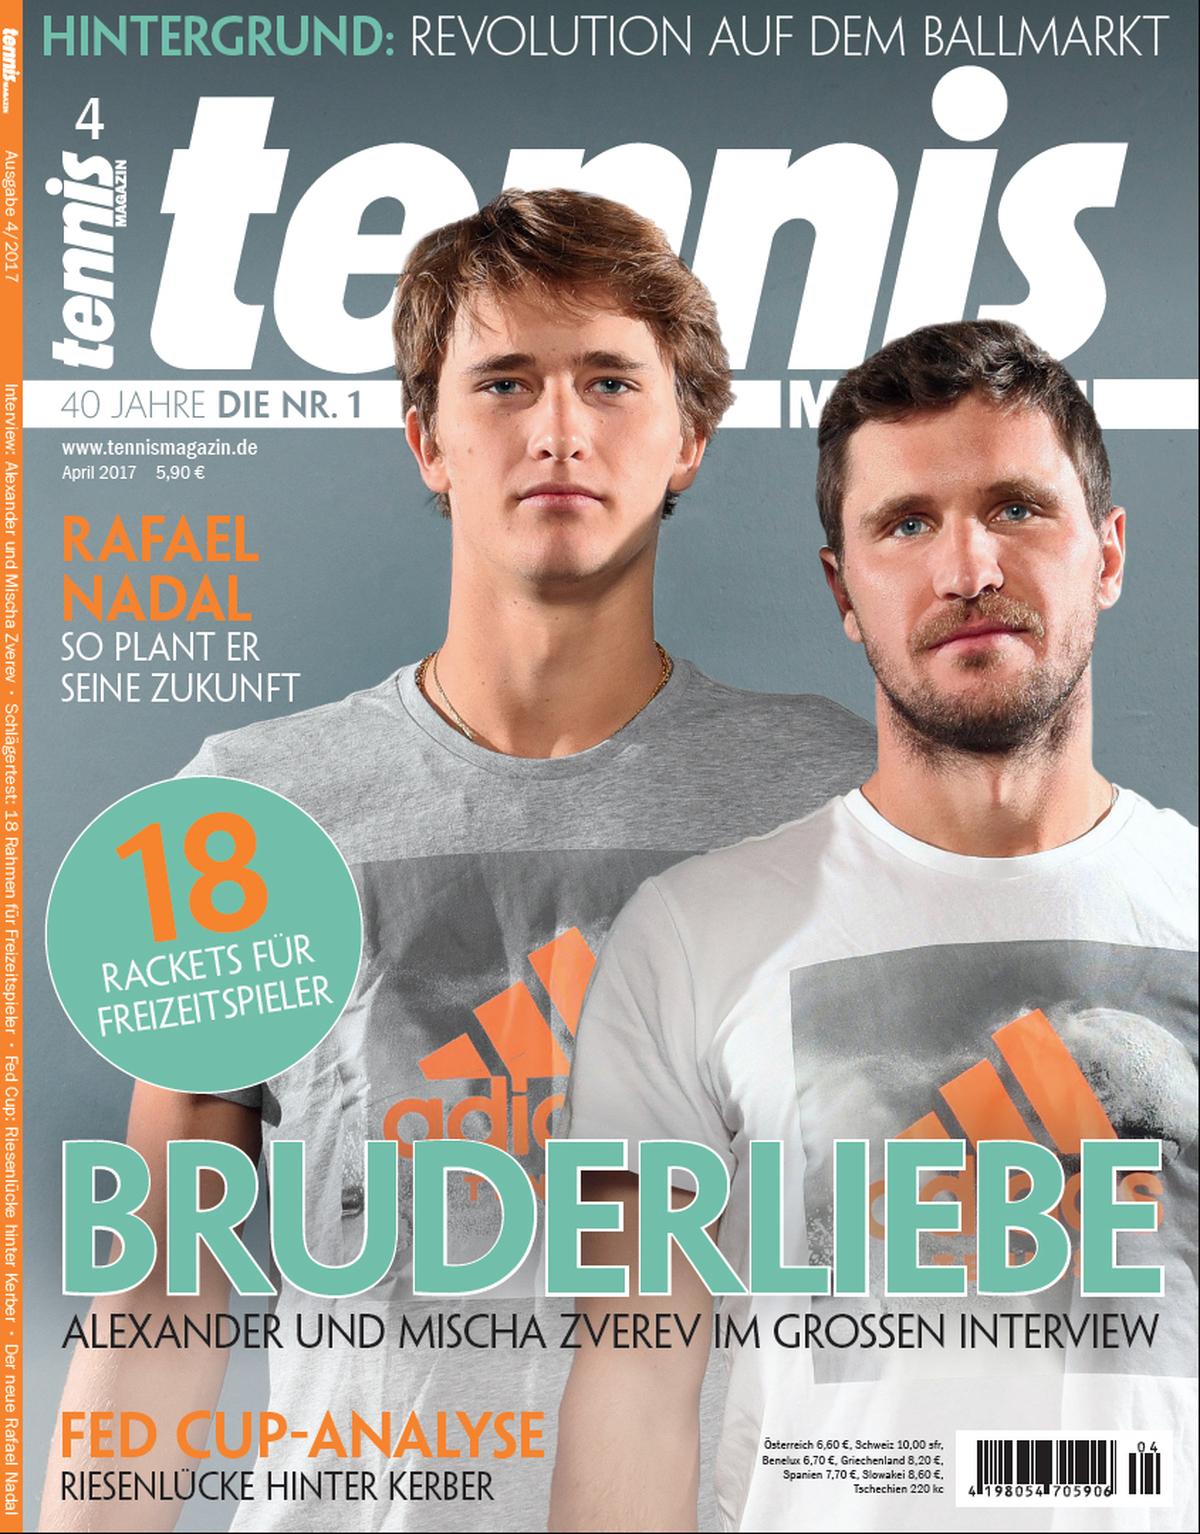 tennis MAGAZIN 4/2017 Alexander und Mischa Zverev im Interview